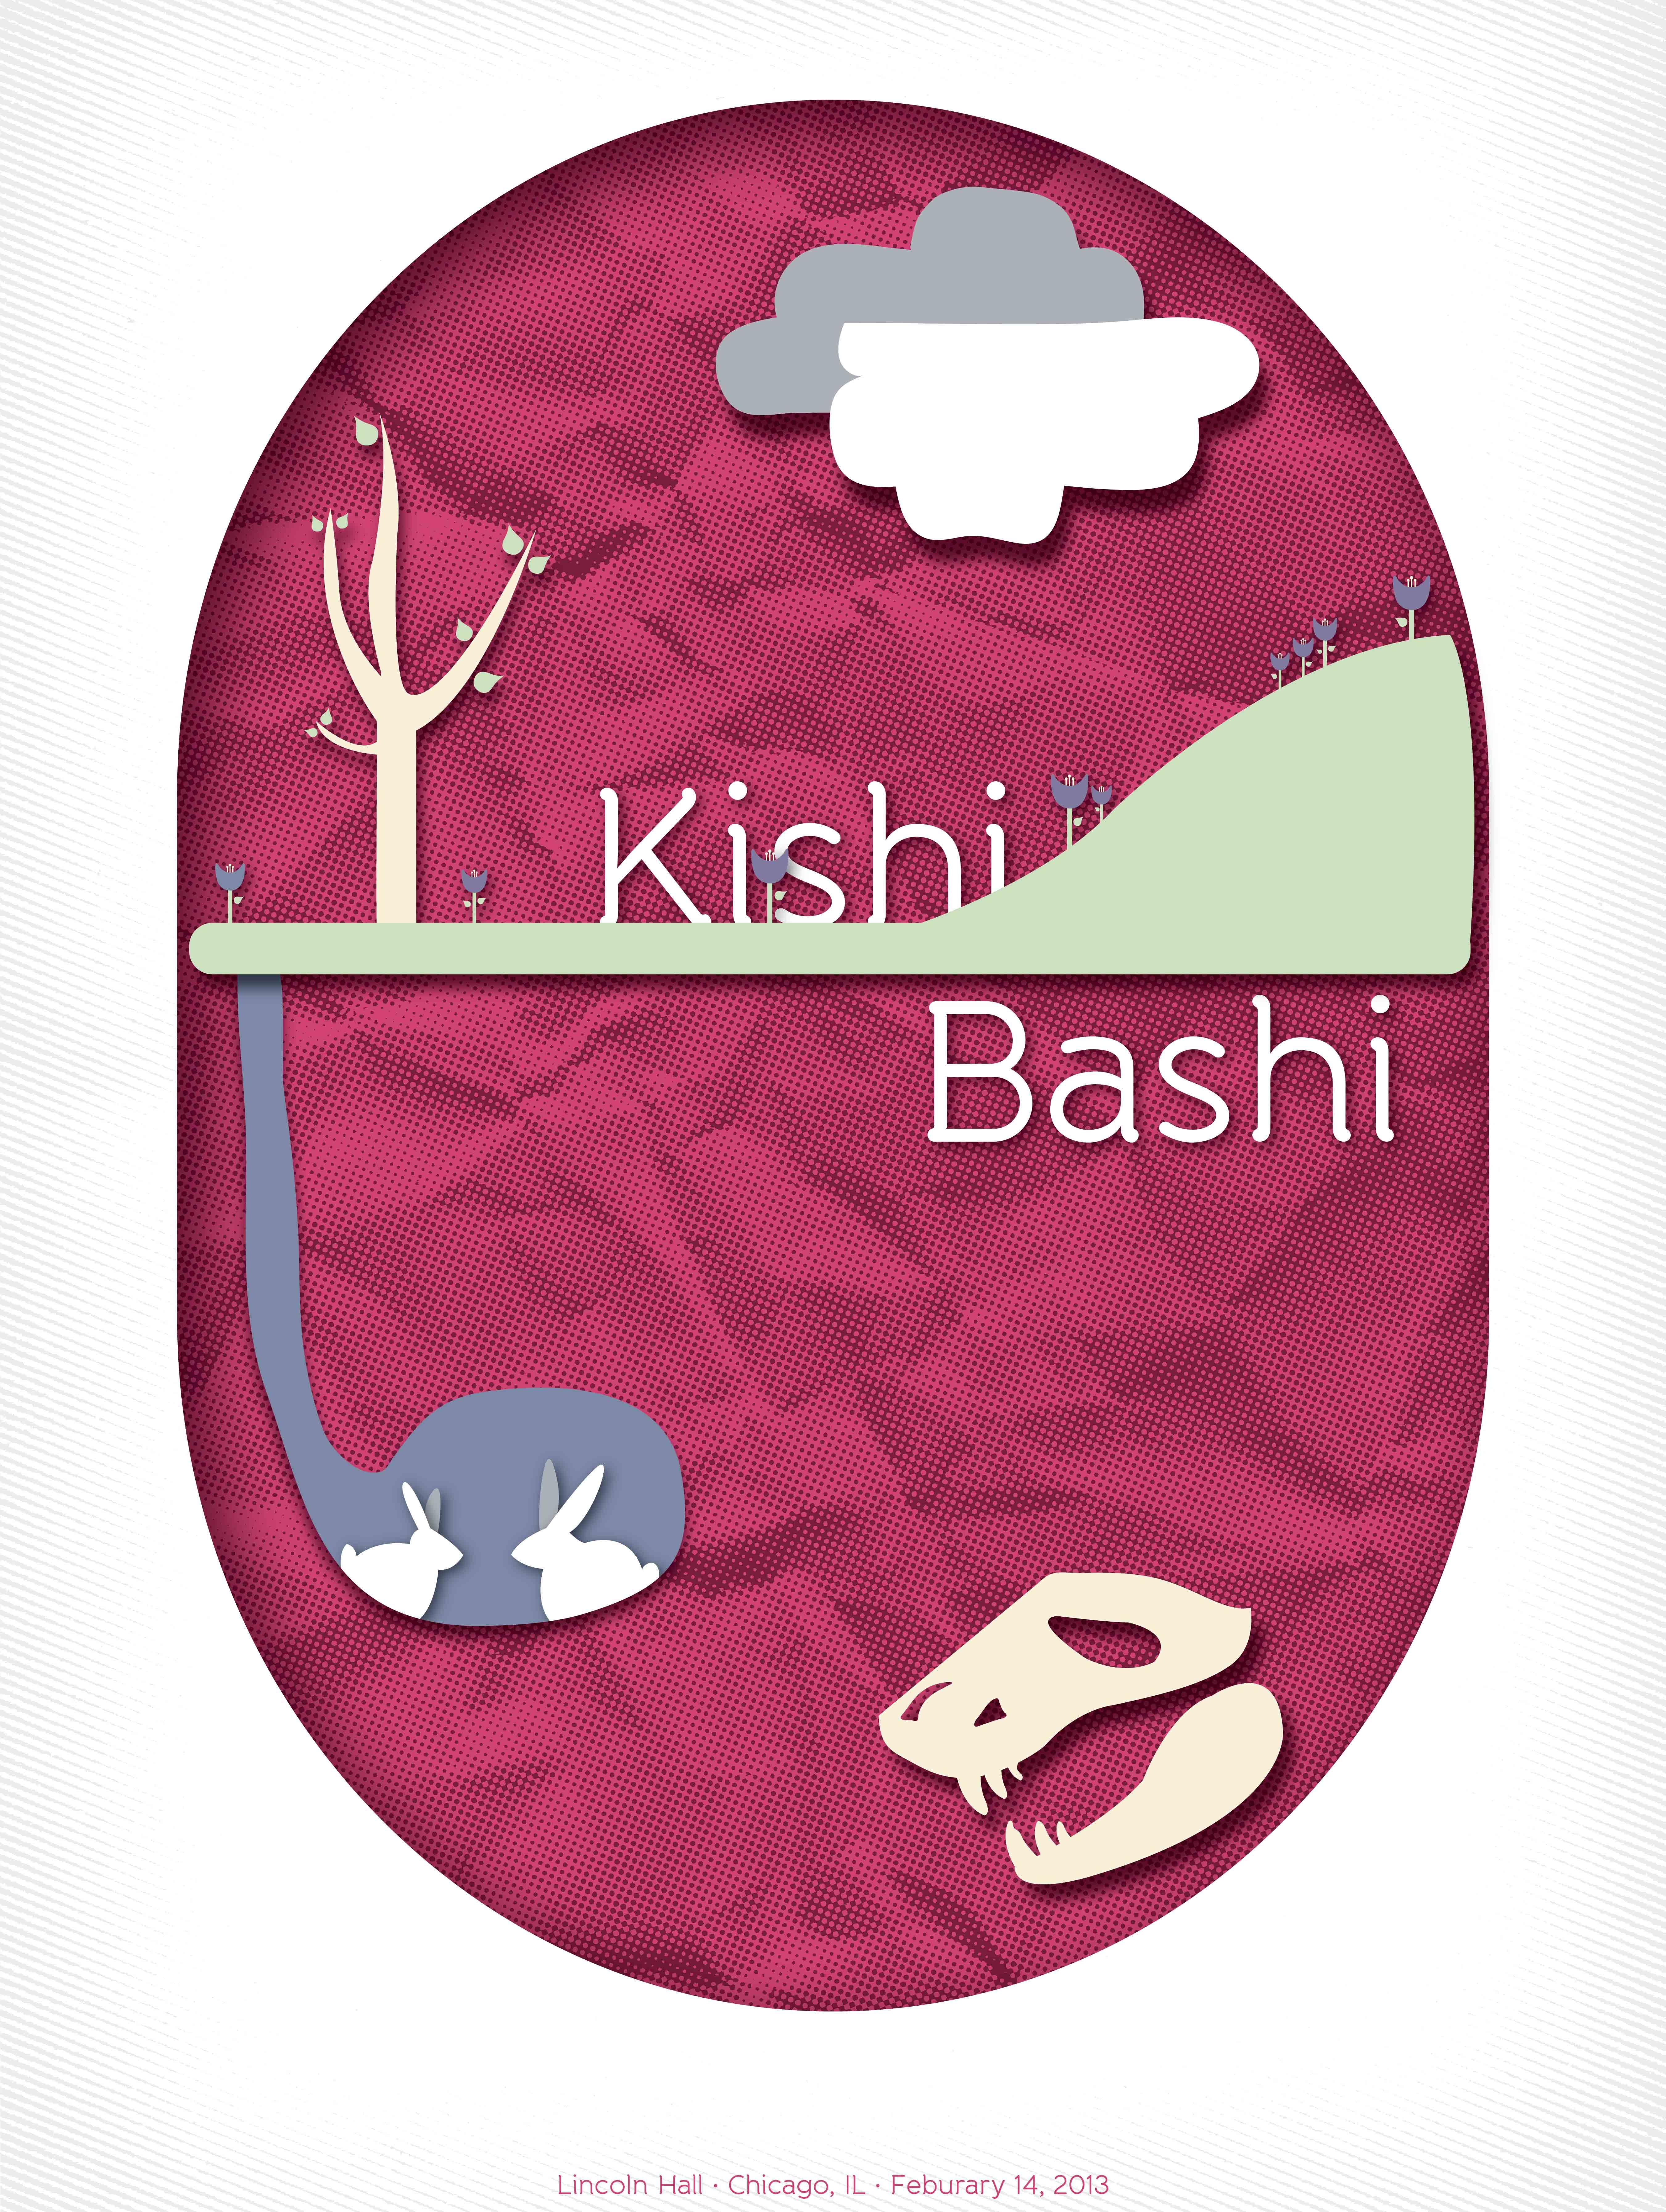 Kishi Bashi - image 1 - student project